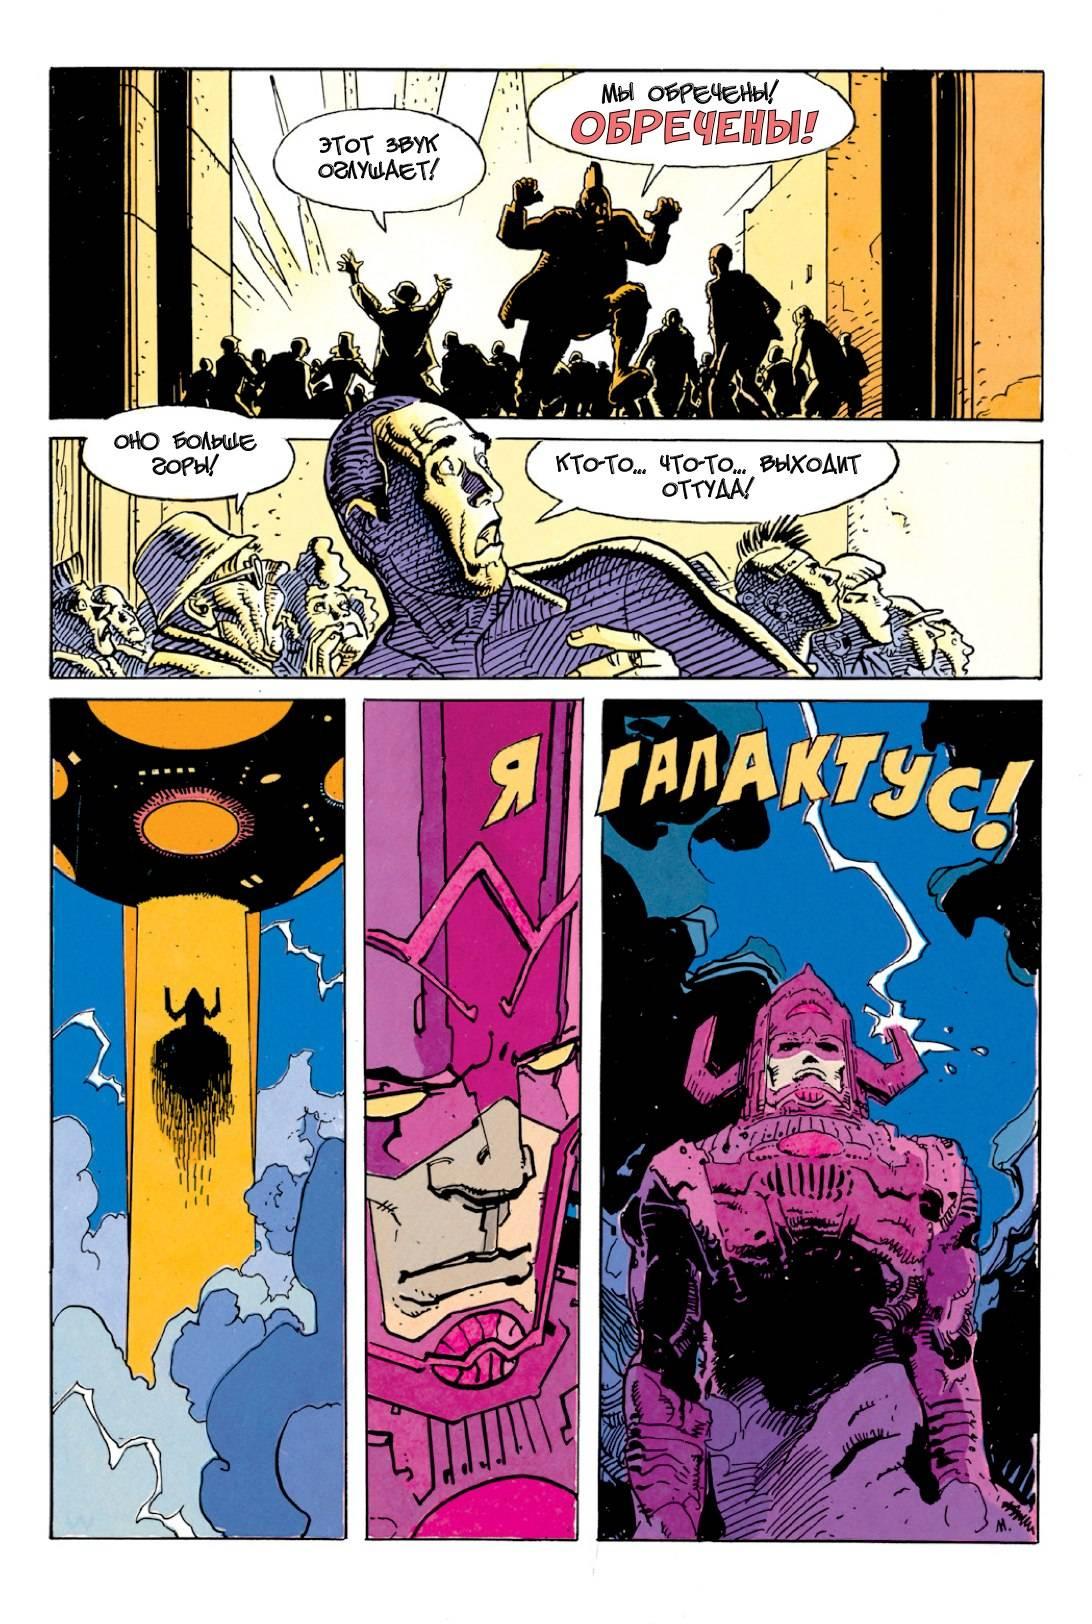 В апреле на русском выходит трагичный комикс про Серебряного сёрфера 2